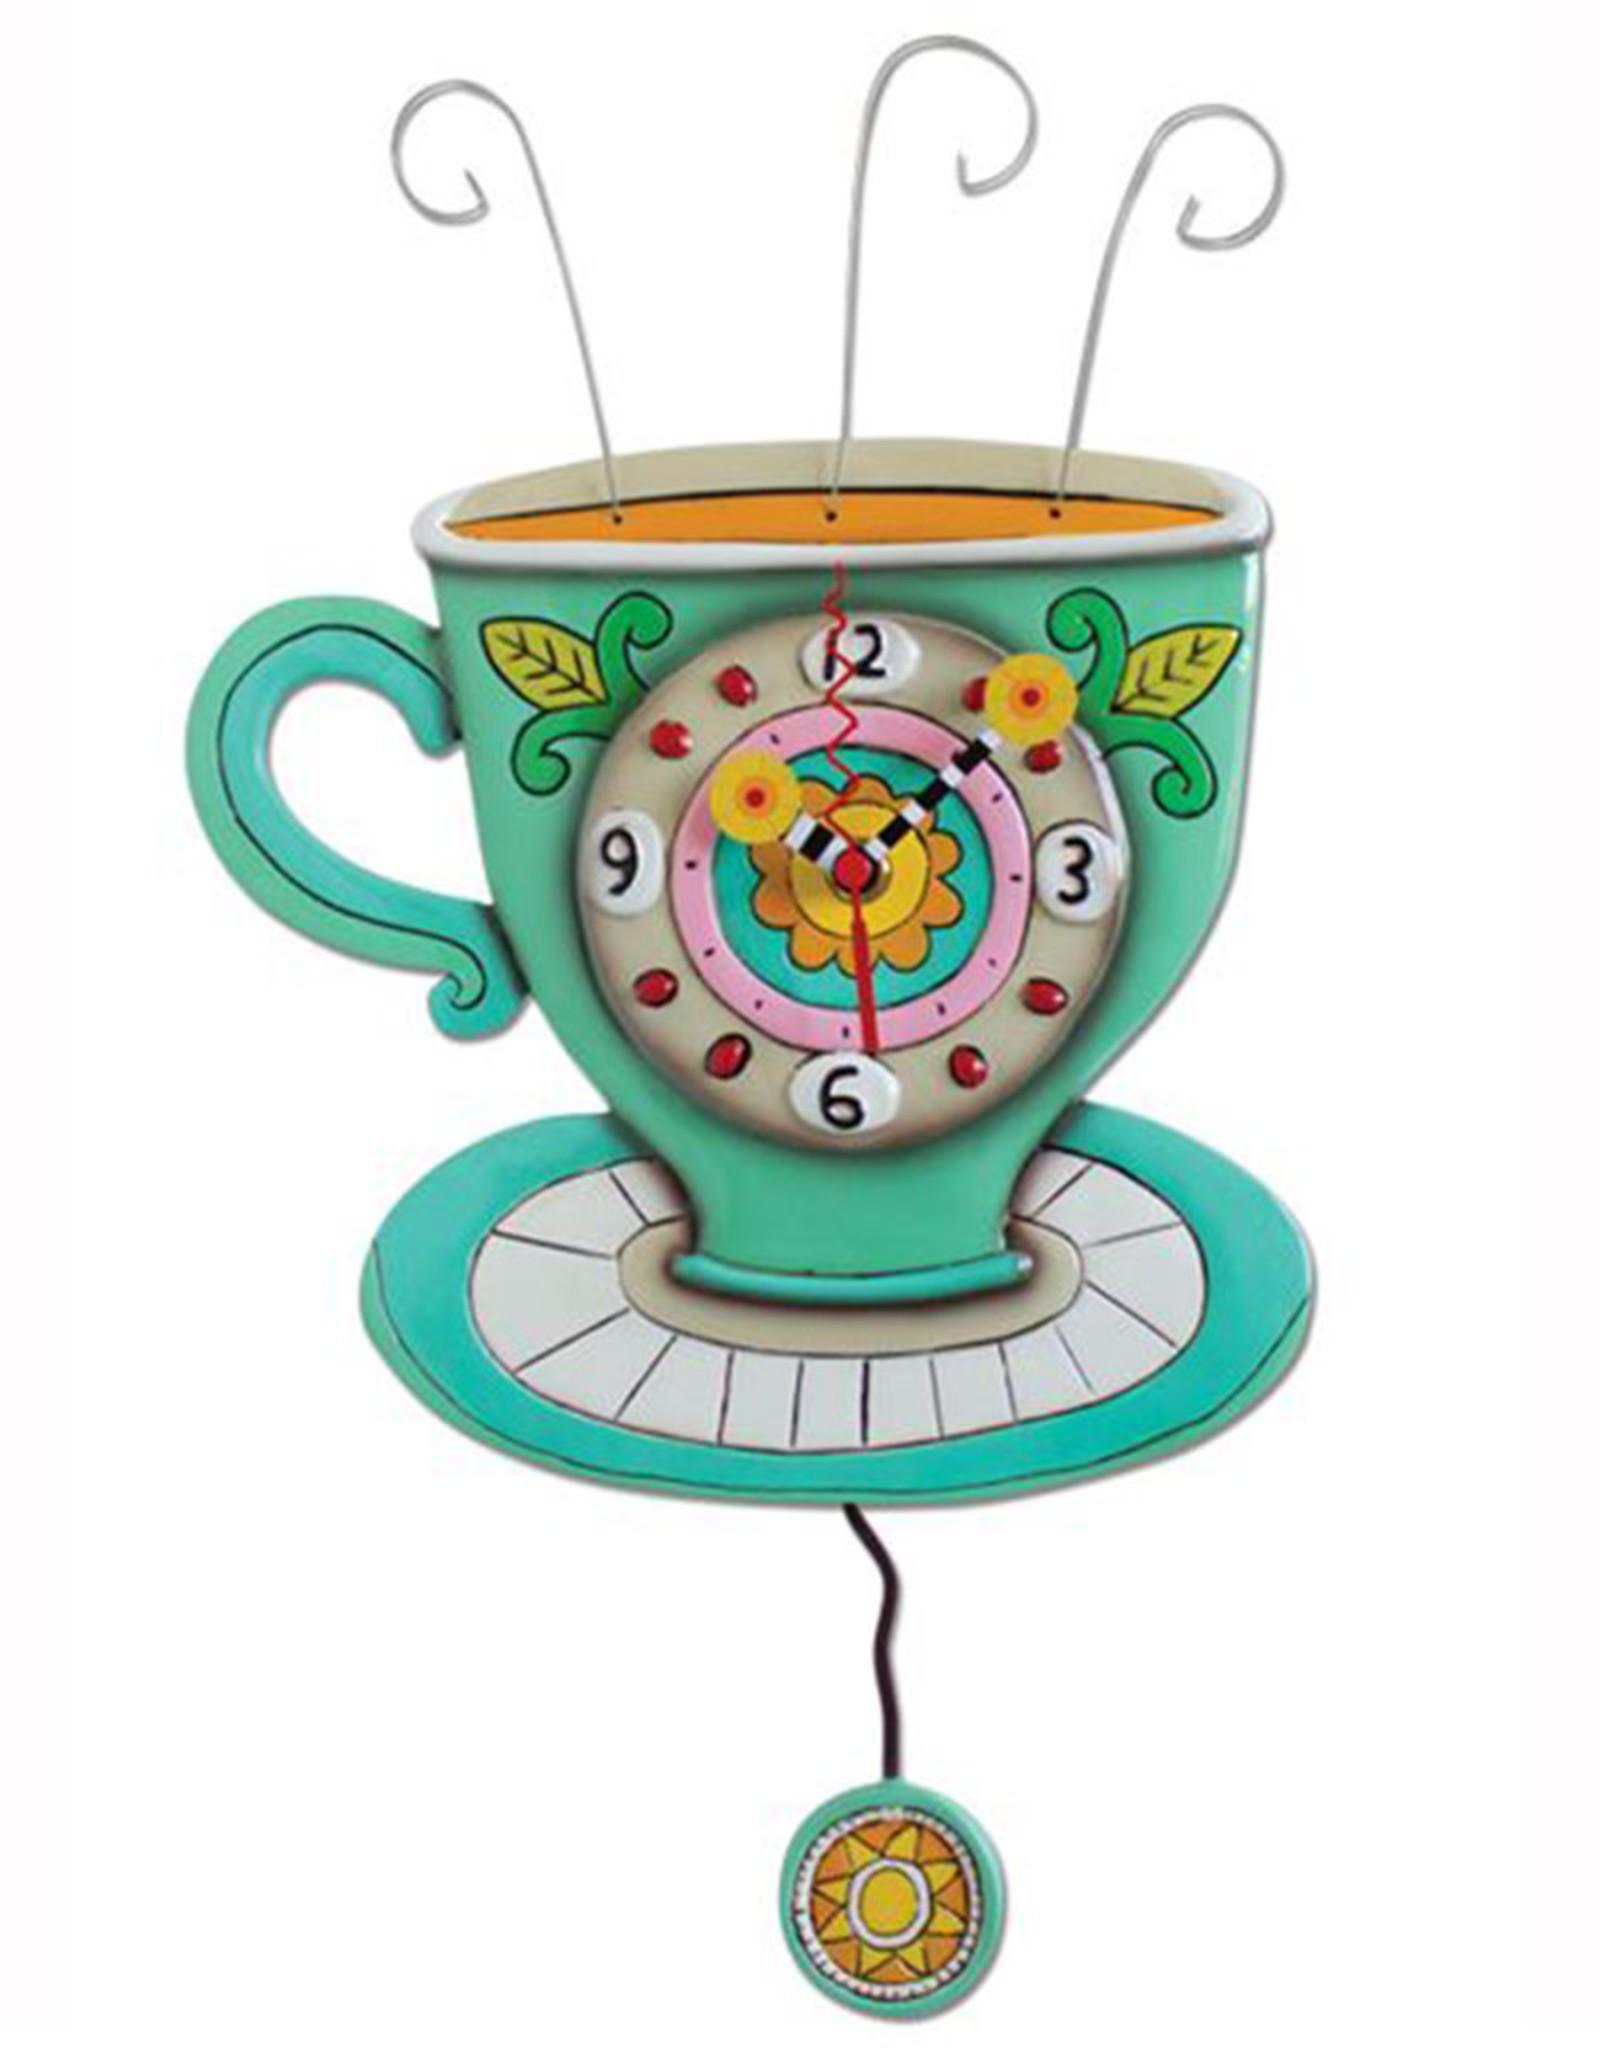 ALLEN DESIGNS SUNNY CUP CLOCK